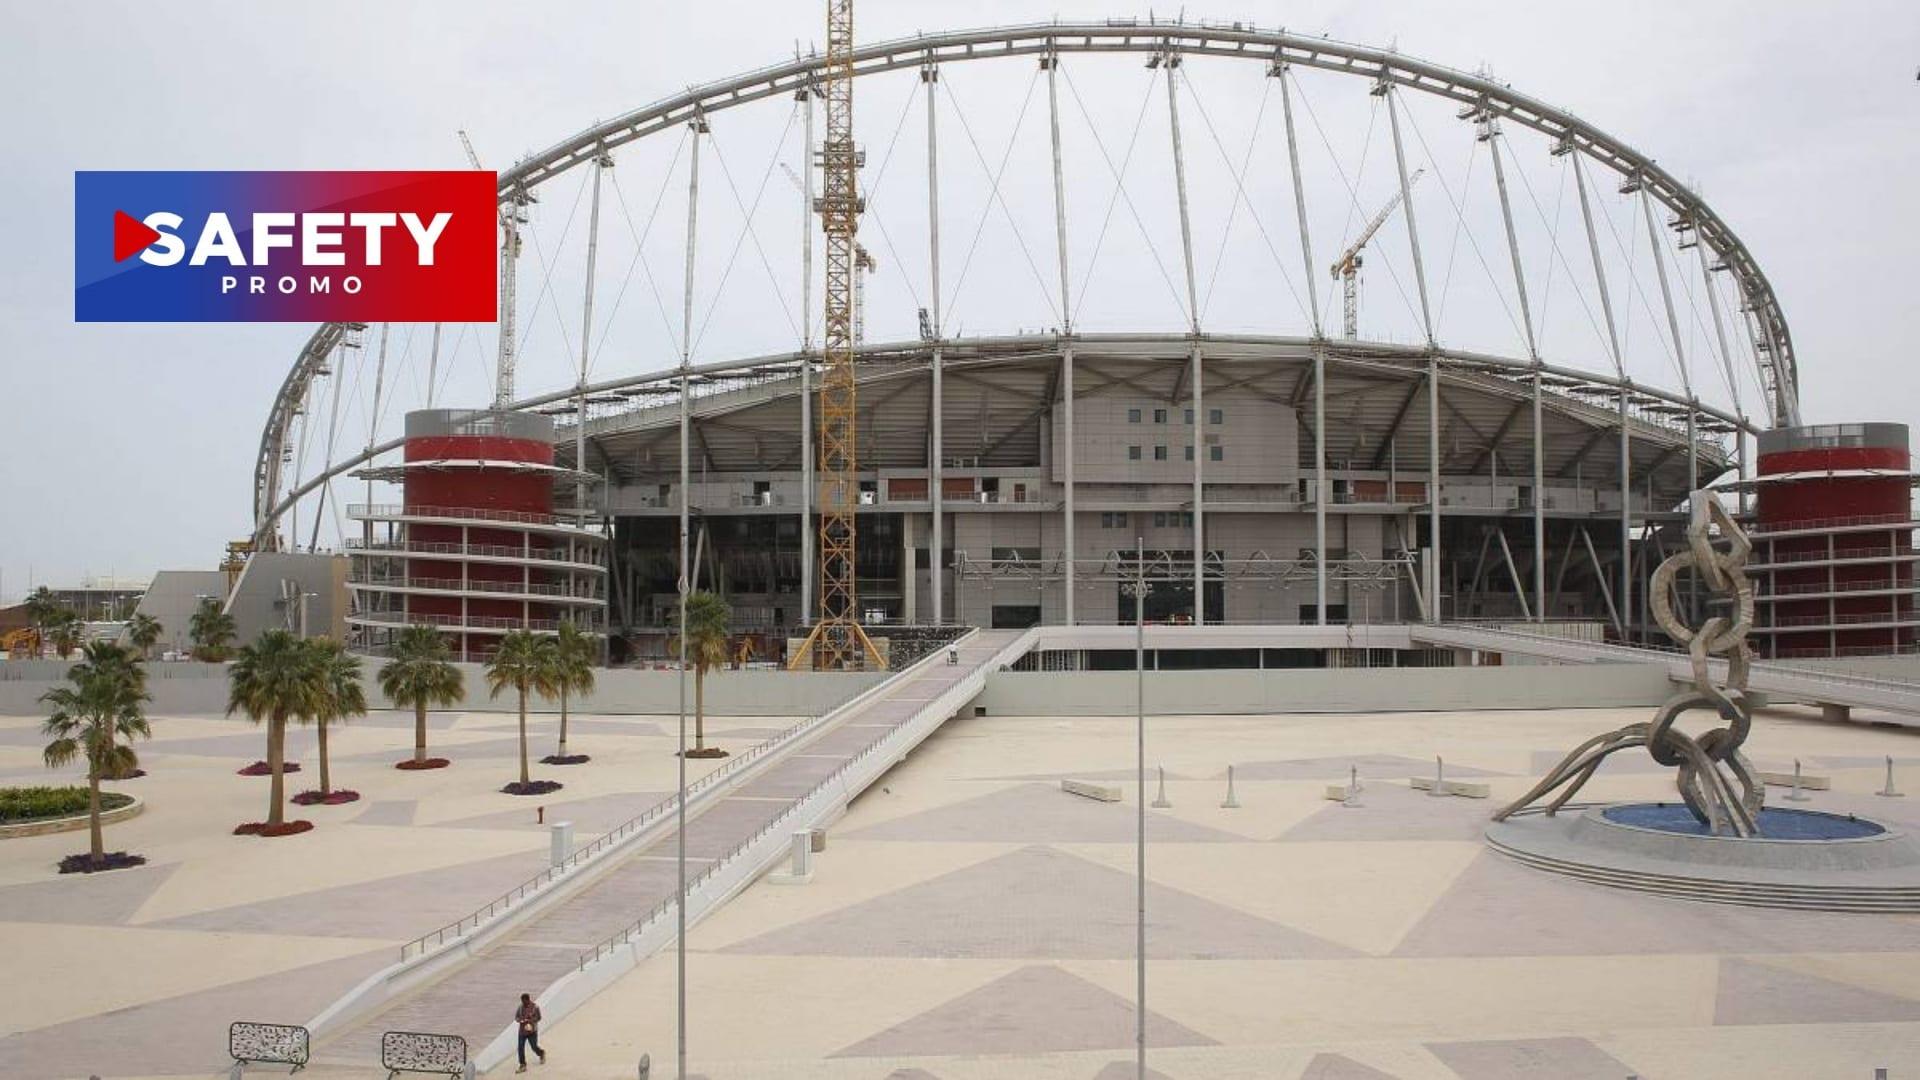 Le 2e tour des éliminatoires de la coupe du monde 2022 de la zone afrique se déroule du 1er septembre au 16 novembre. Coupe Du Monde 2022 : Le Calendrier Est Connu SAFETY PROMO ...